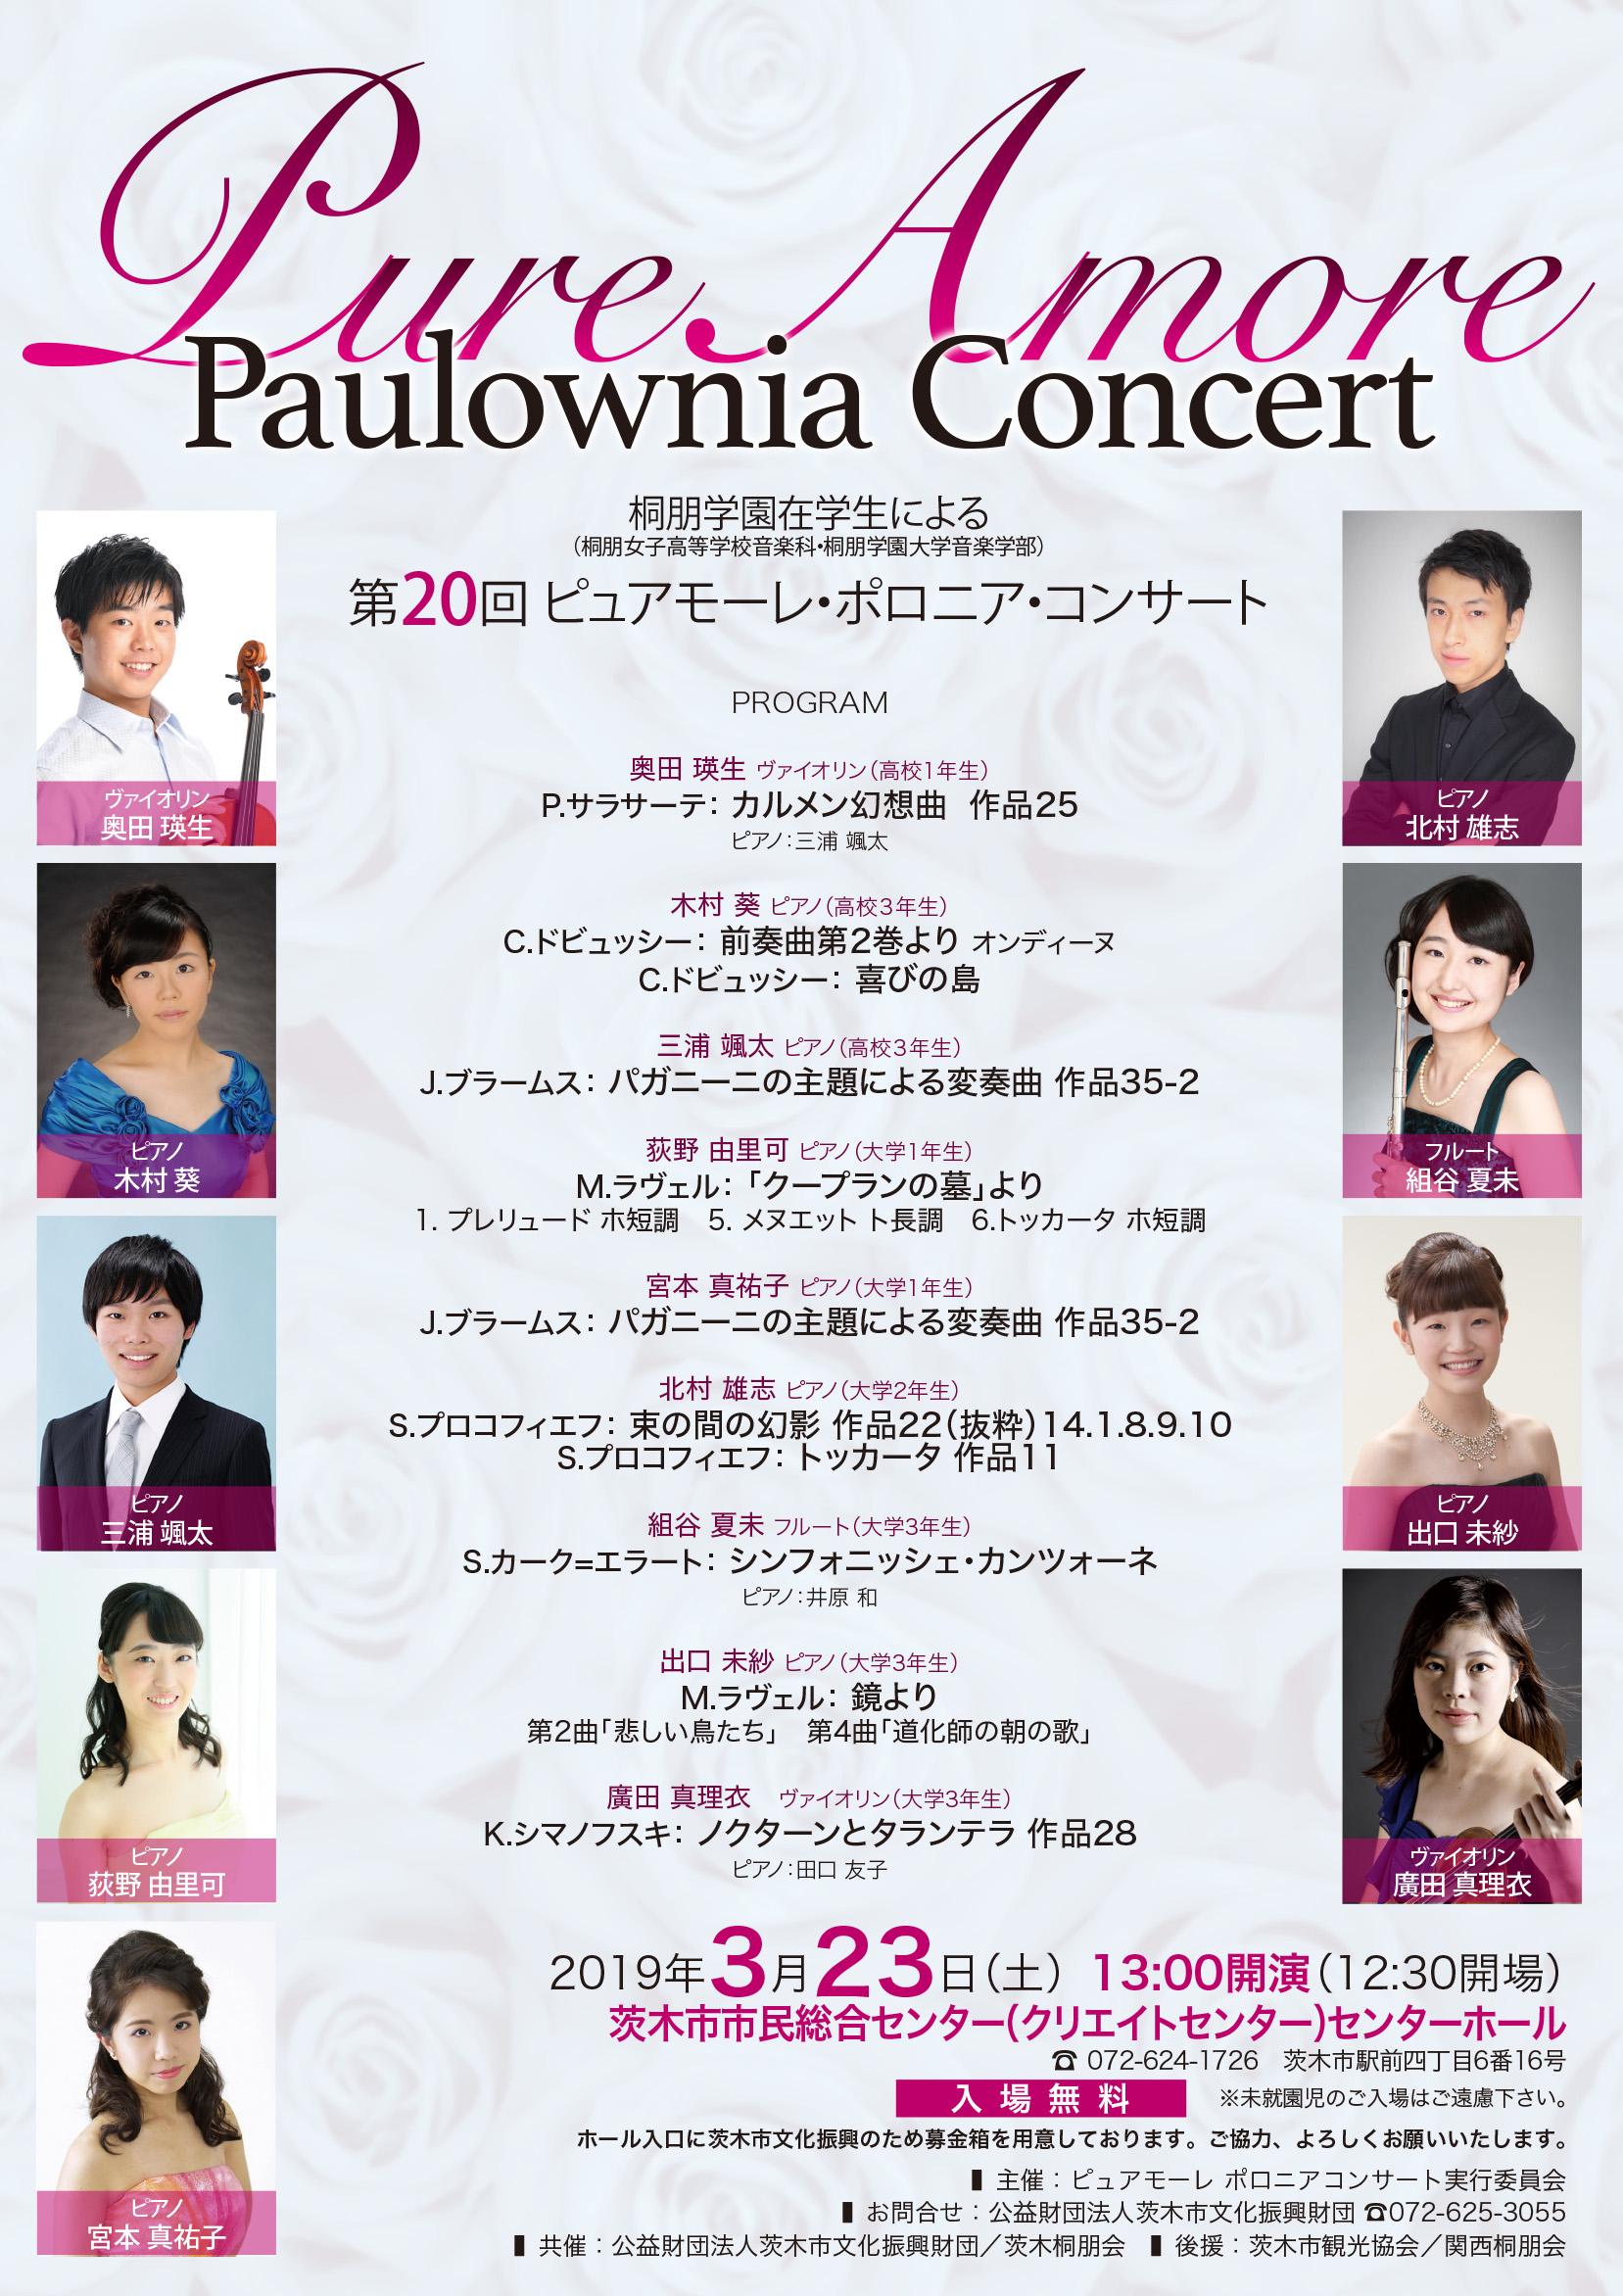 桐朋学園在学生による第20回ピュアモーレ・ポロニア・コンサート